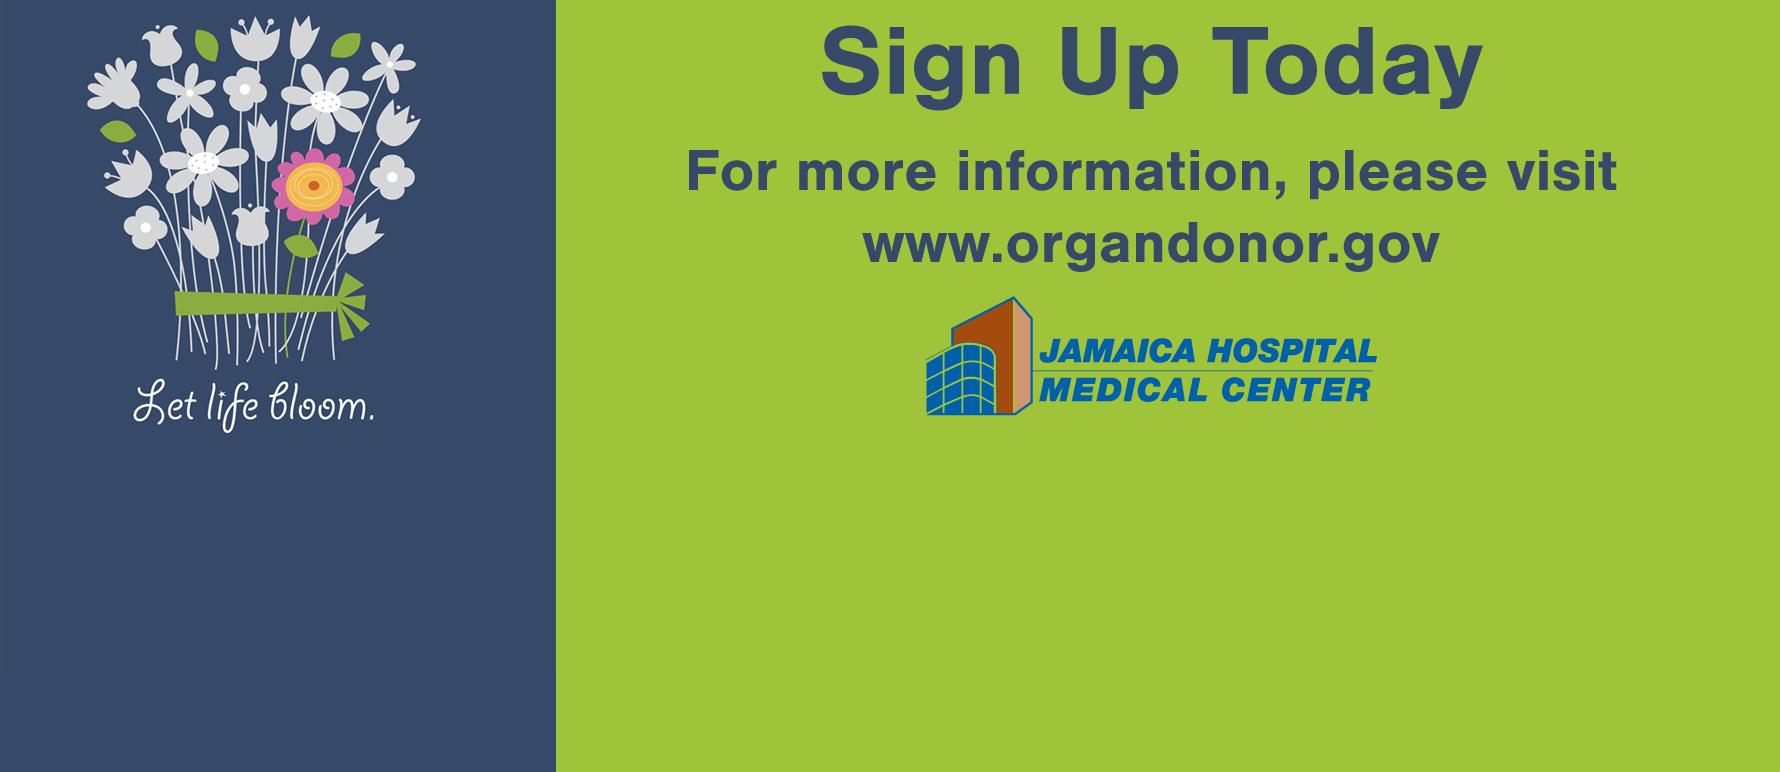 https://organdonor.gov/